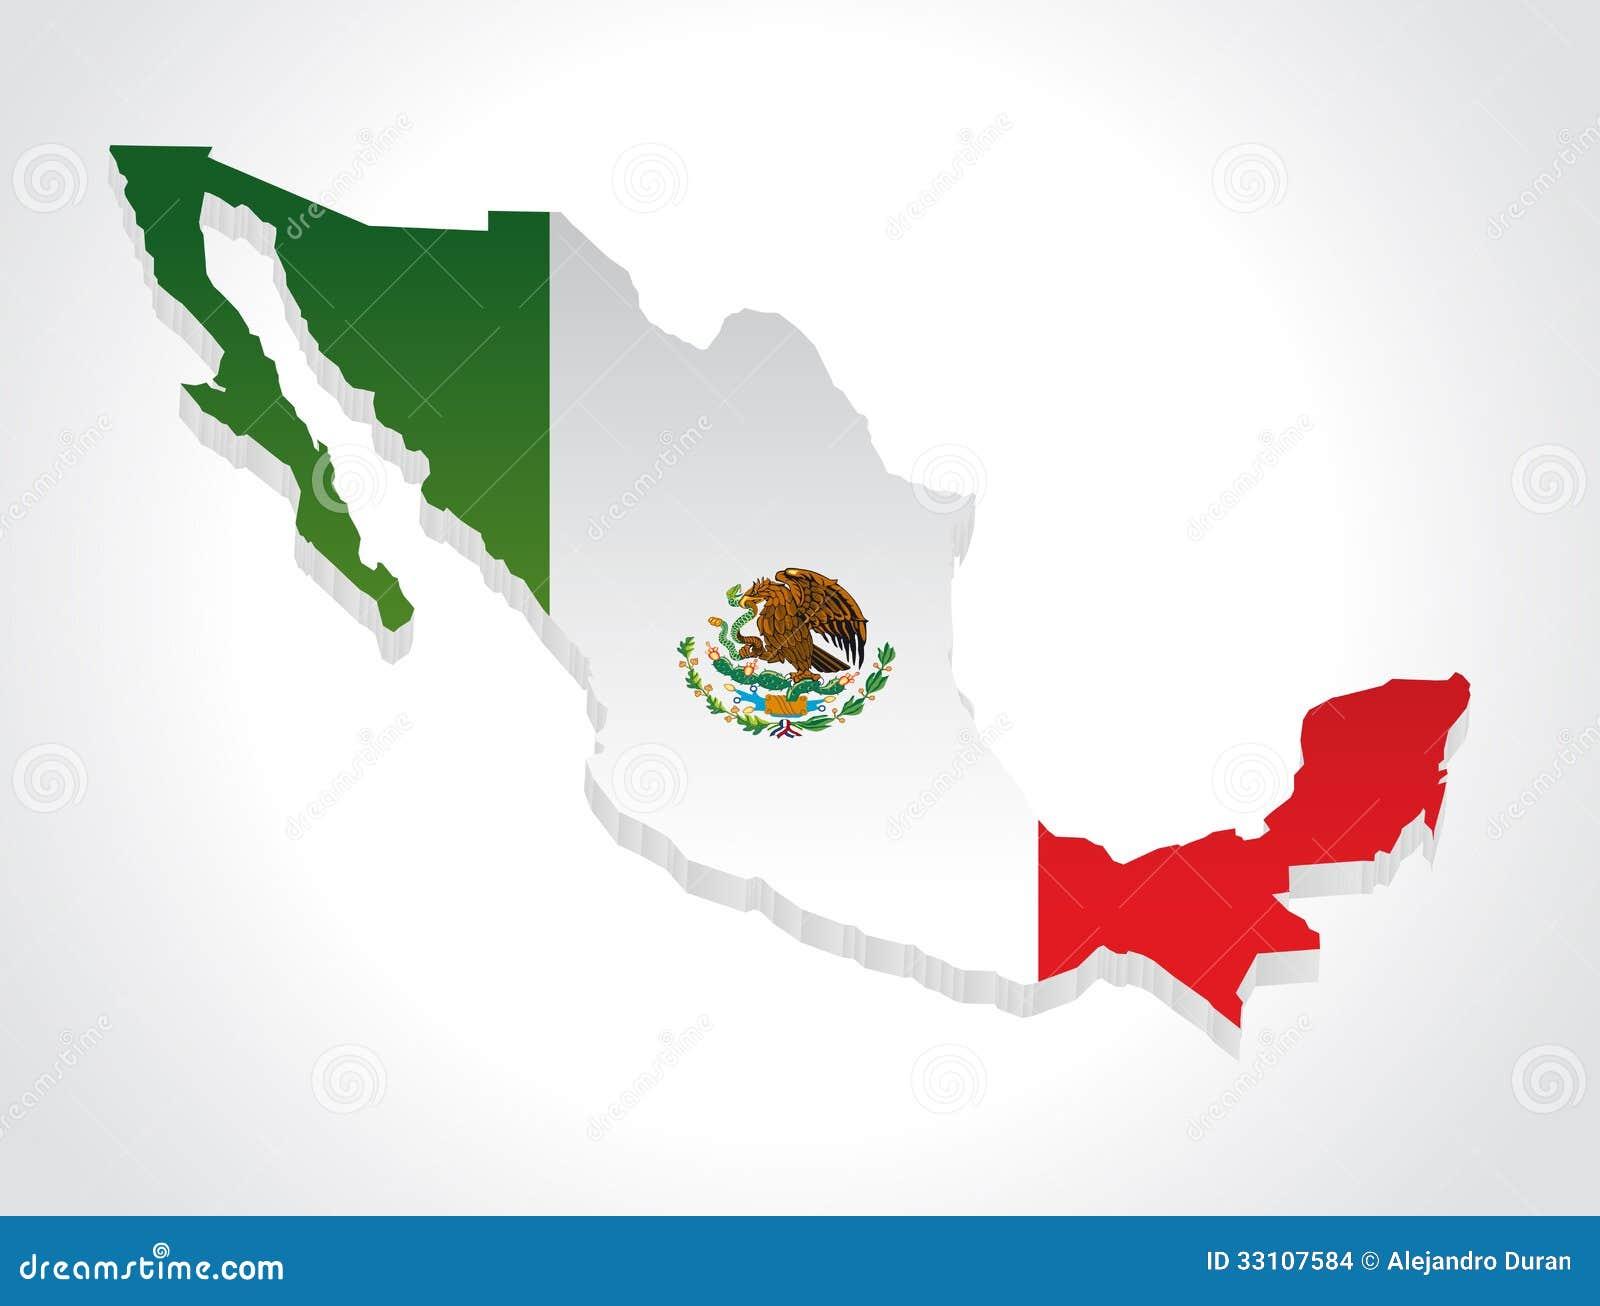 Icono Mapa Mexico Png: Mapa México 3d Ilustración Del Vector. Ilustración De